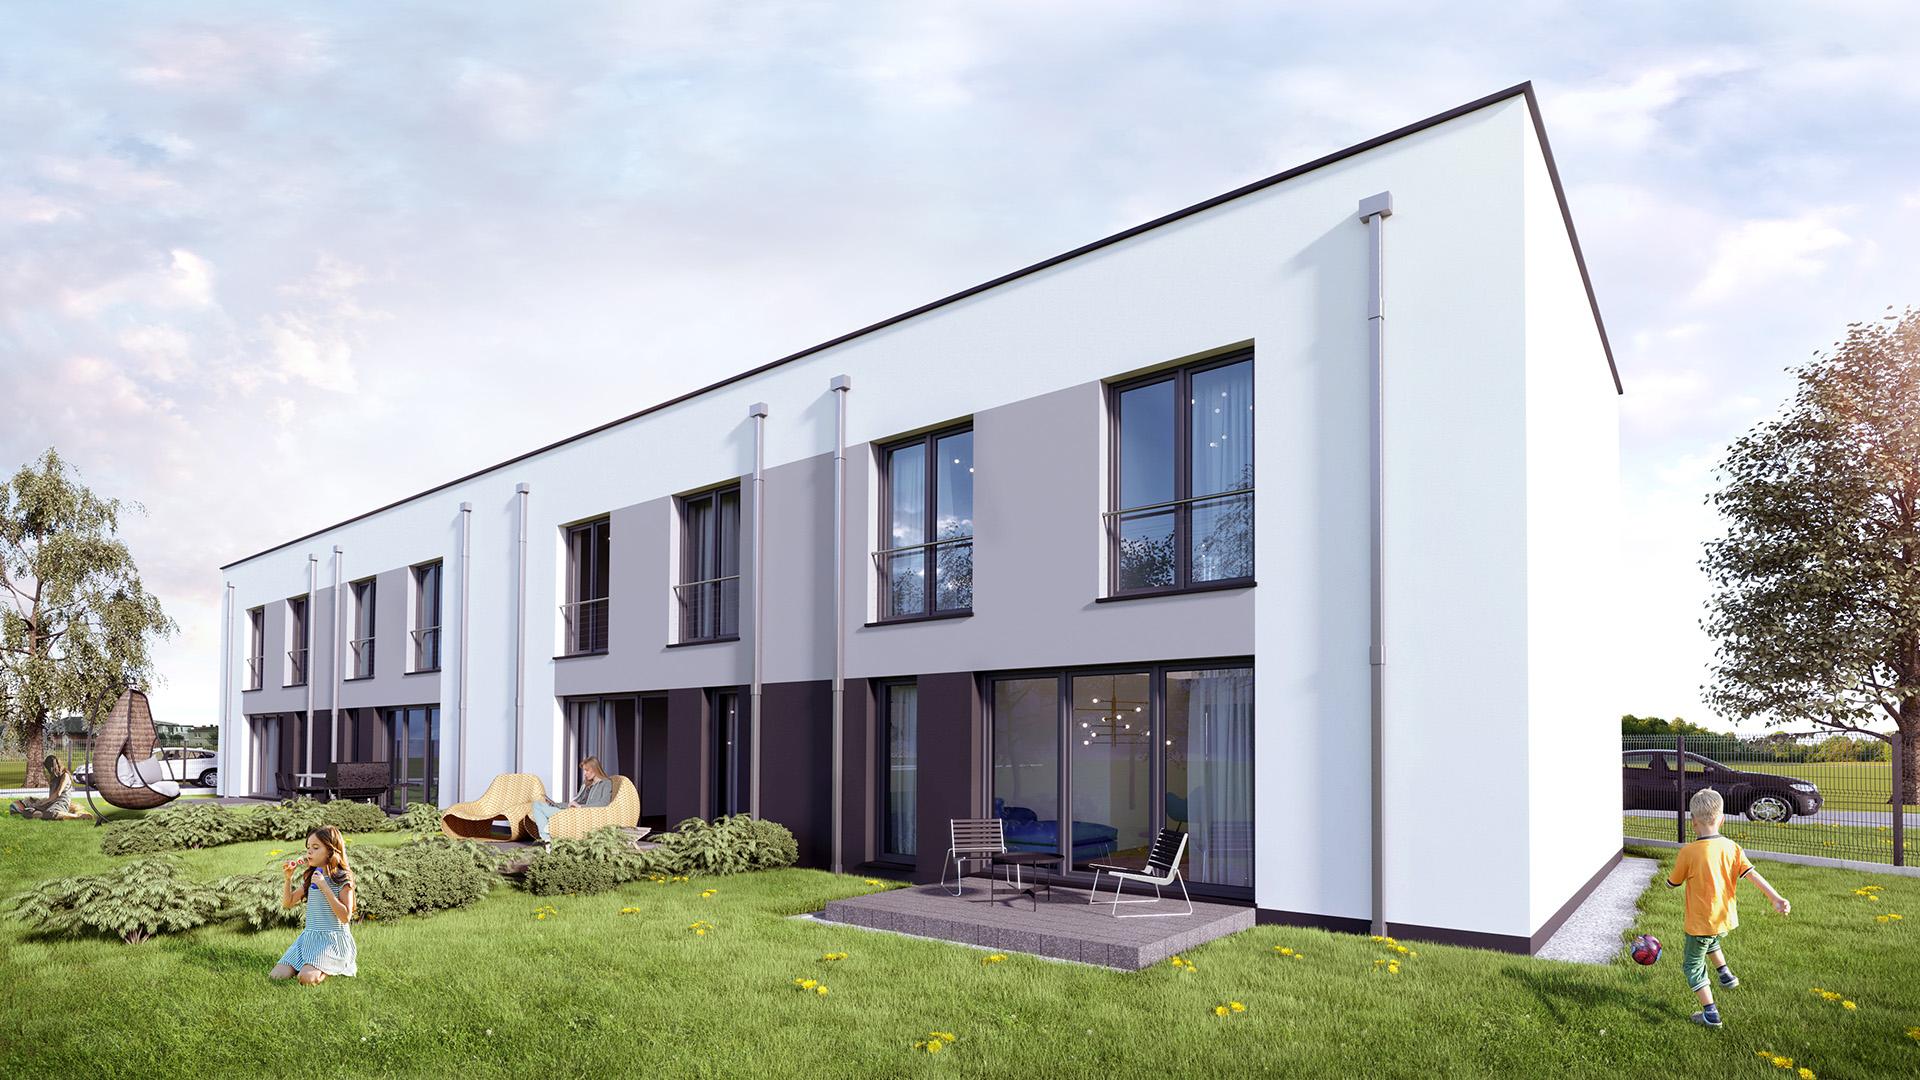 Domy szeregowe, prosta bryła, nowoczesna architektura, dachy płaskie, ogród. M2 Architektura Katowice - Pracownia Projektowa Katowice